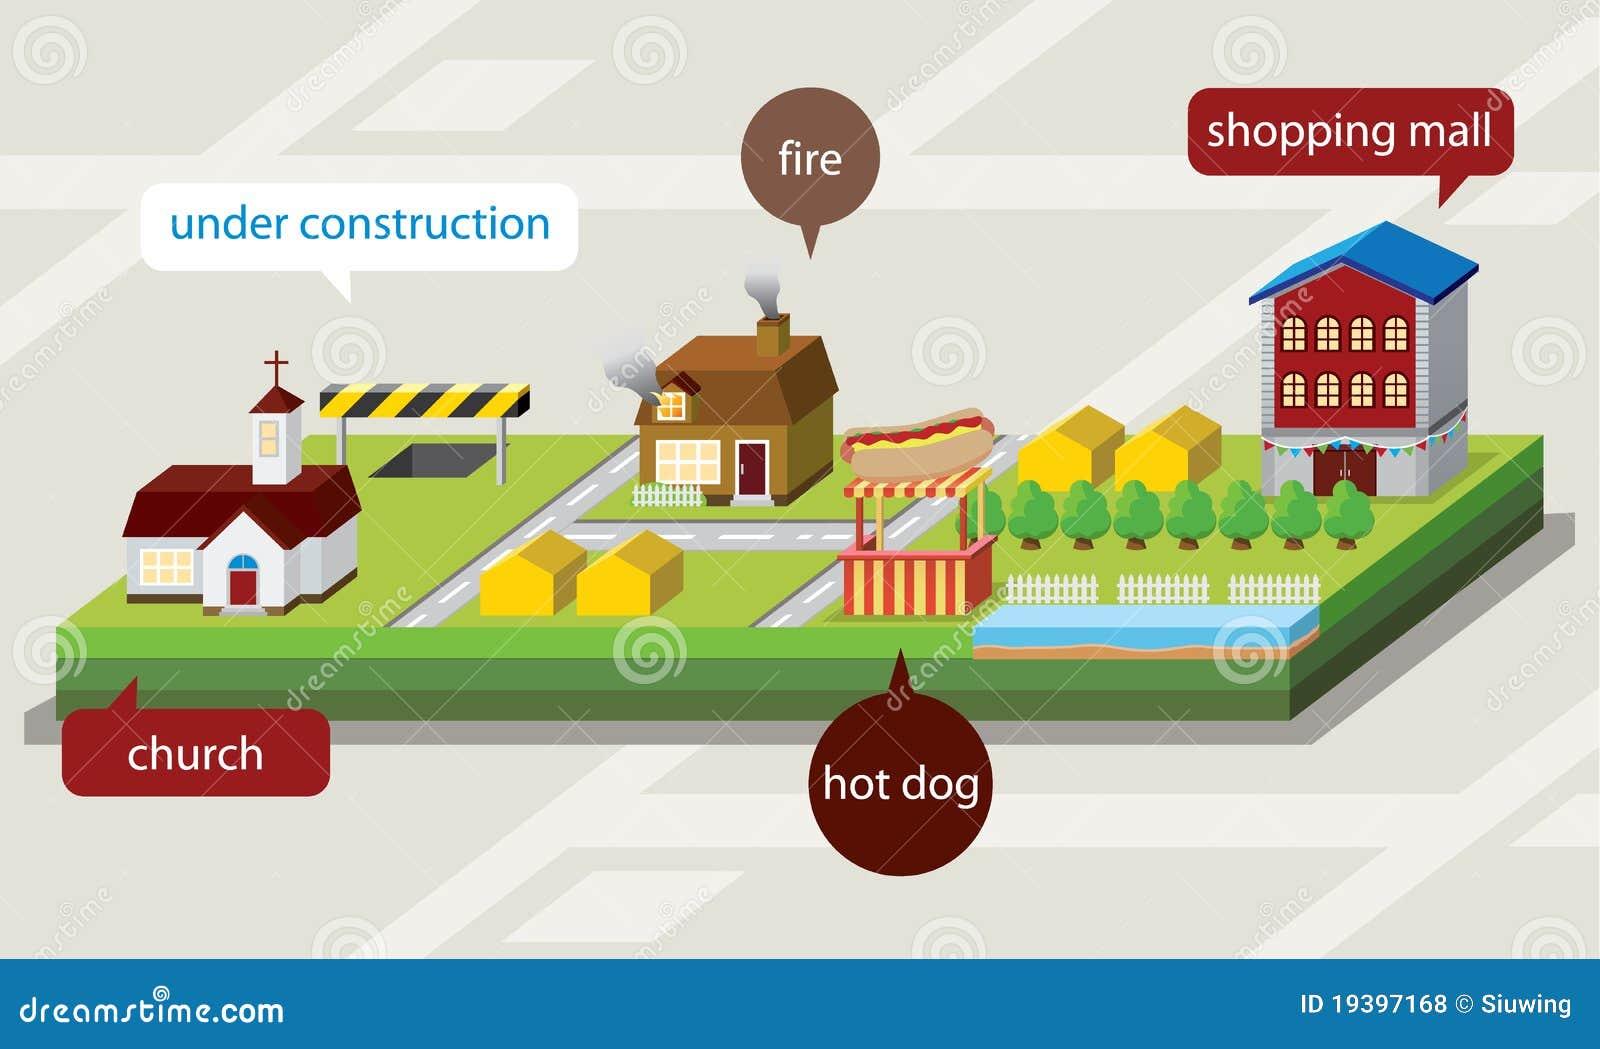 Illustrazione del programma 3d illustrazione vettoriale for Programma architettura gratis